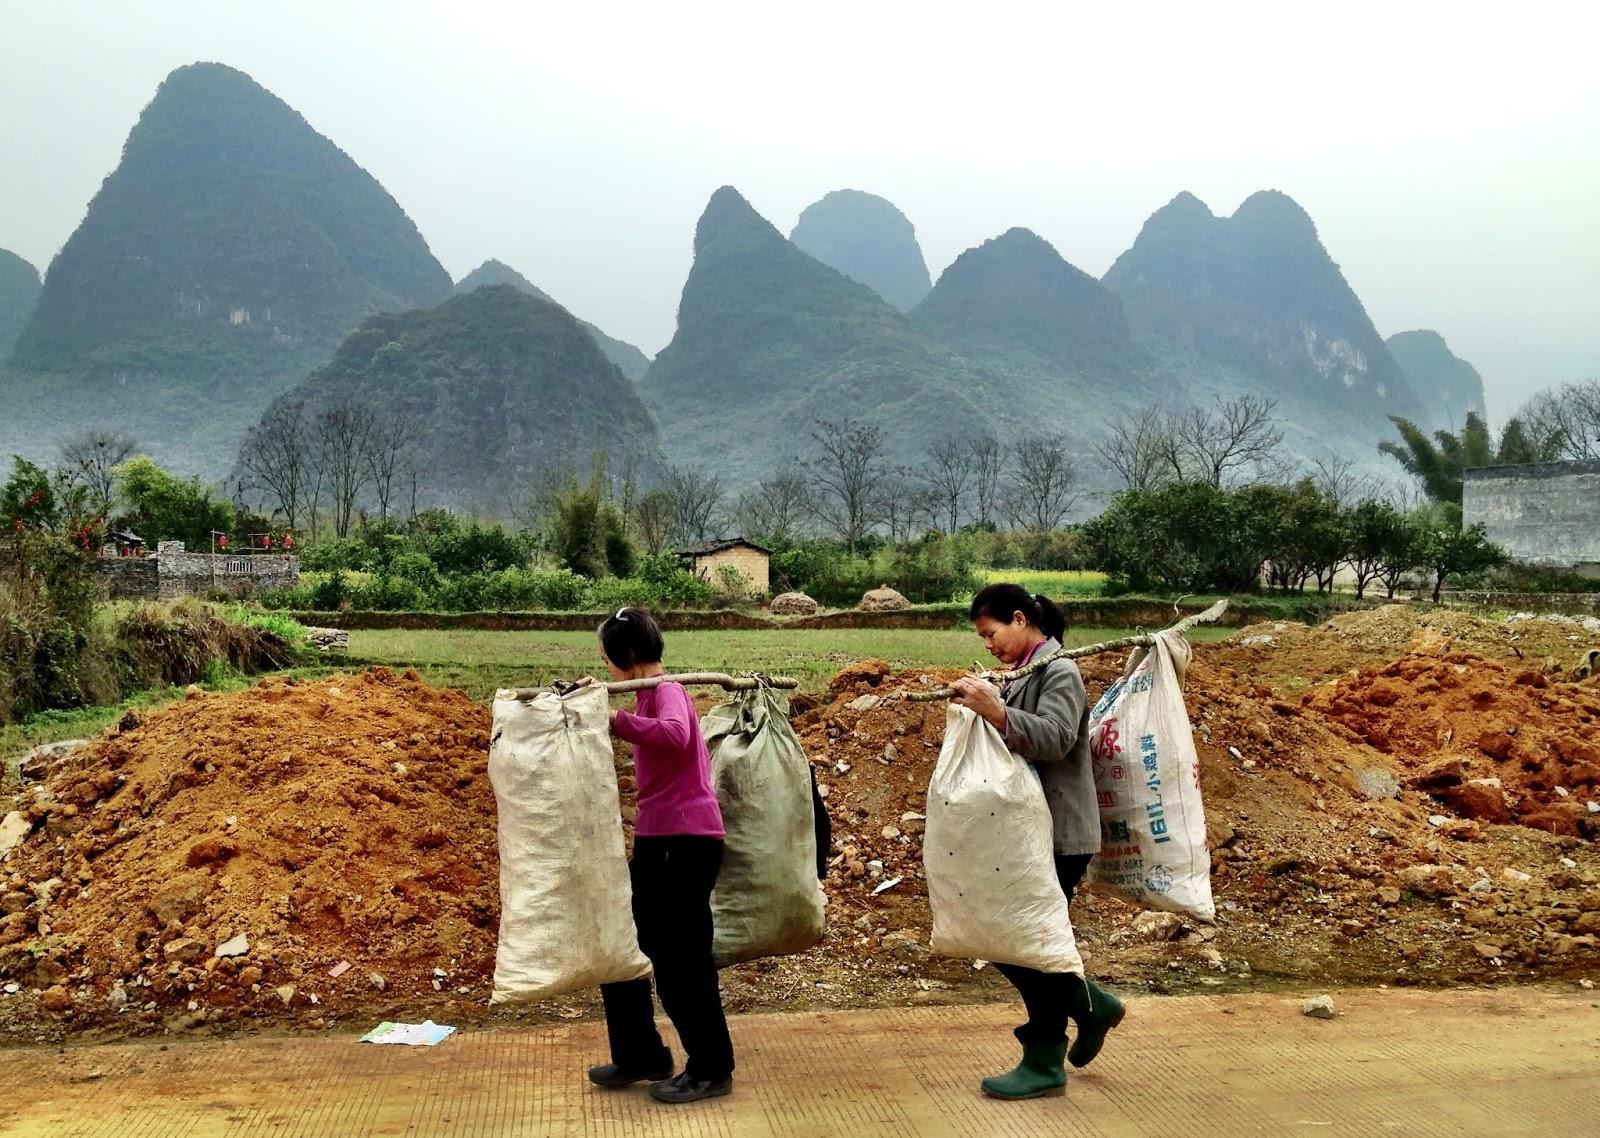 Women carrying sacks - Yangshuo, China